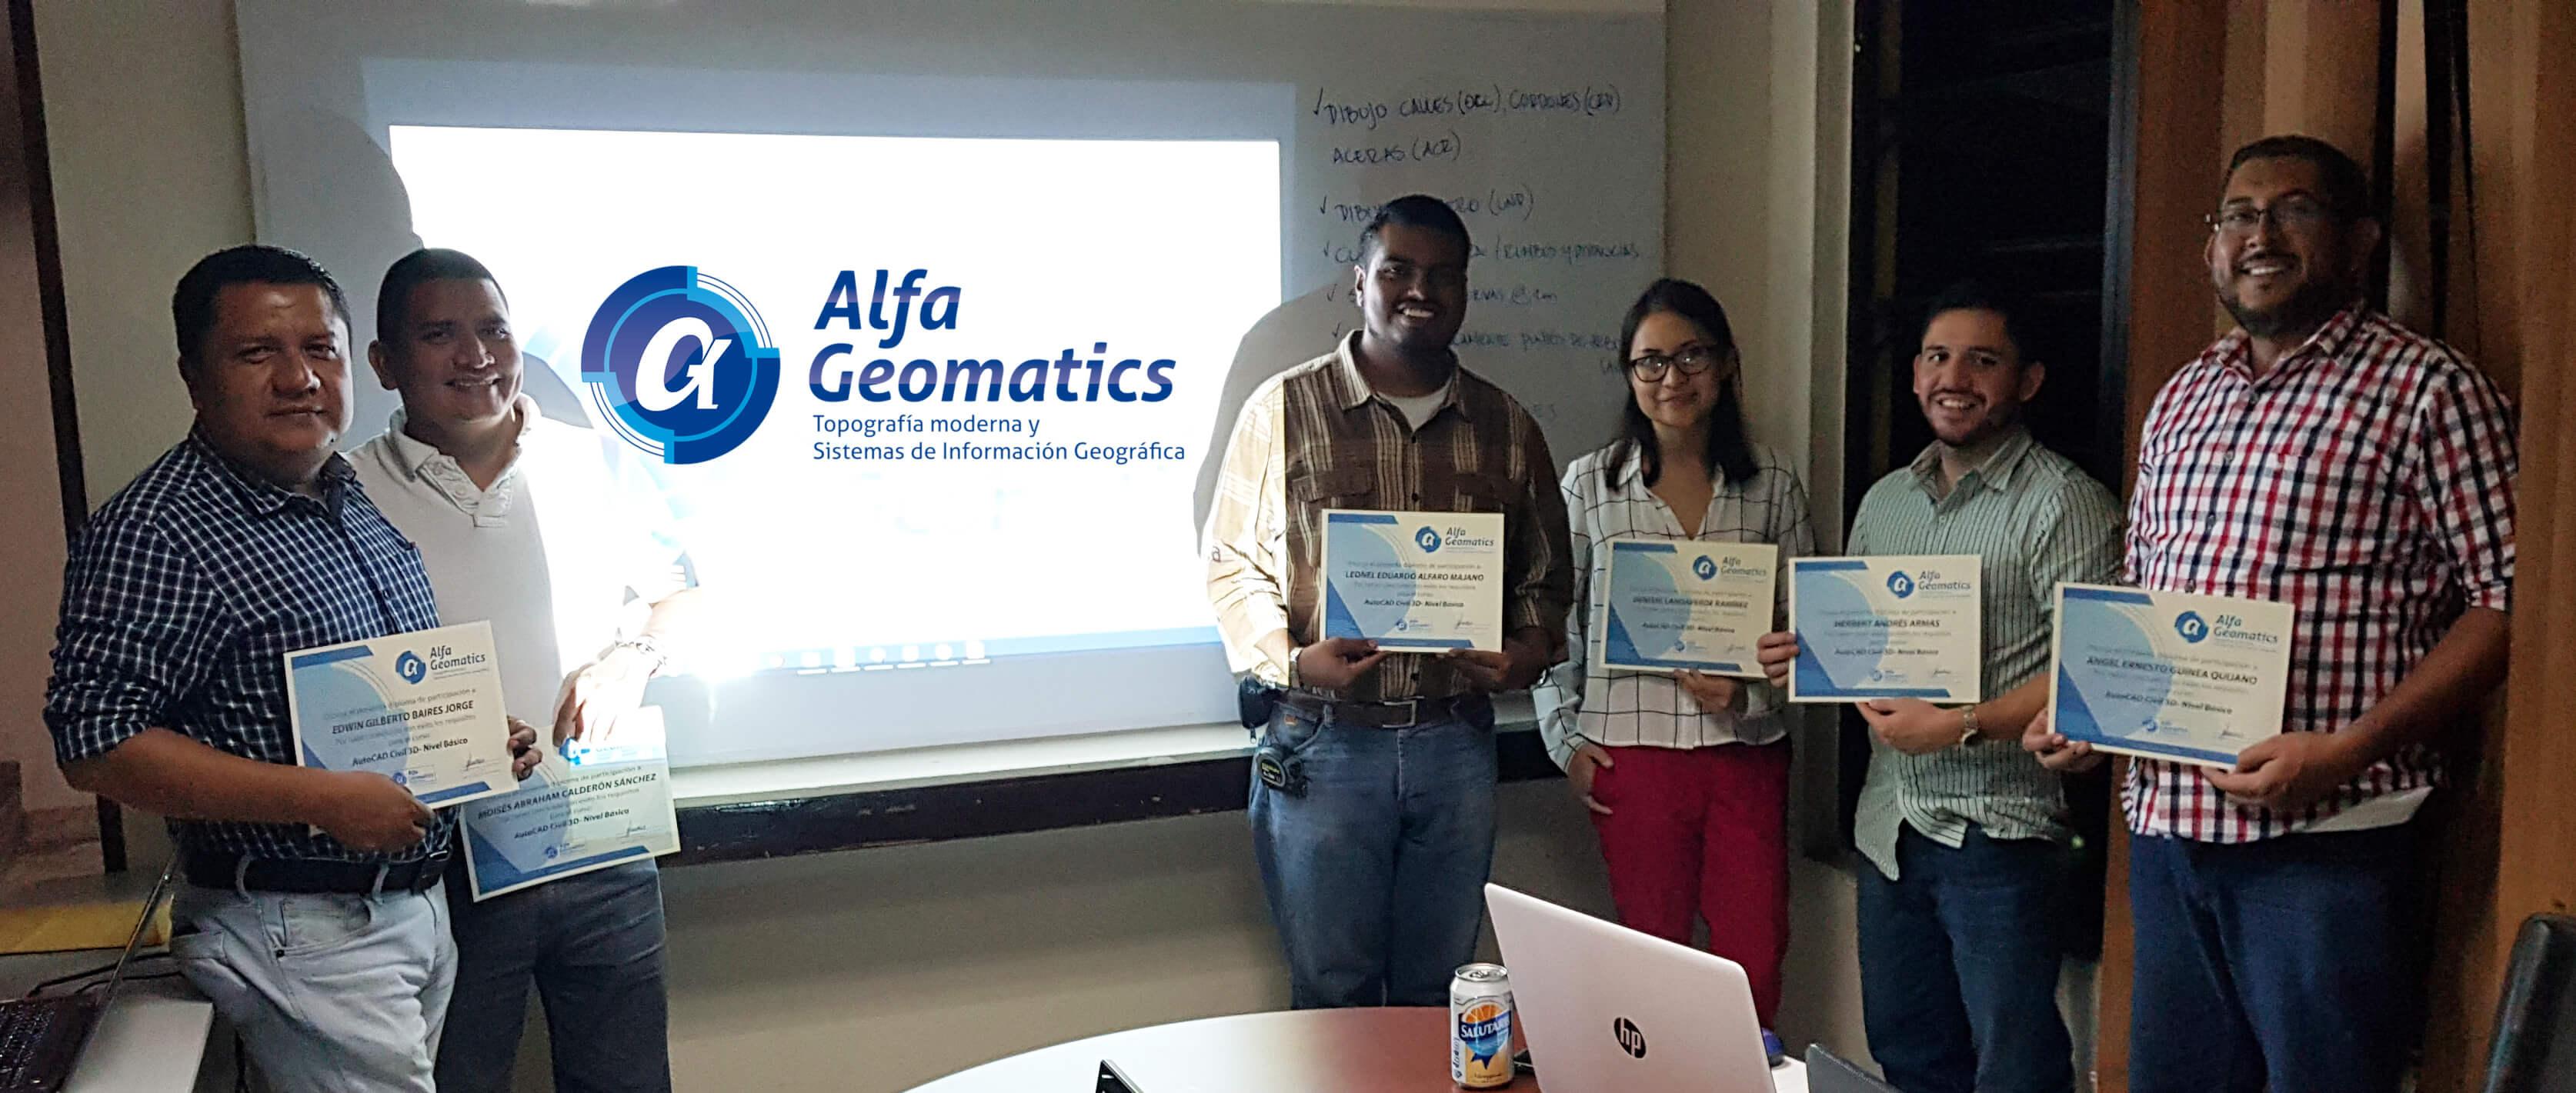 Graduación de estudiantes Alfa Geomatics